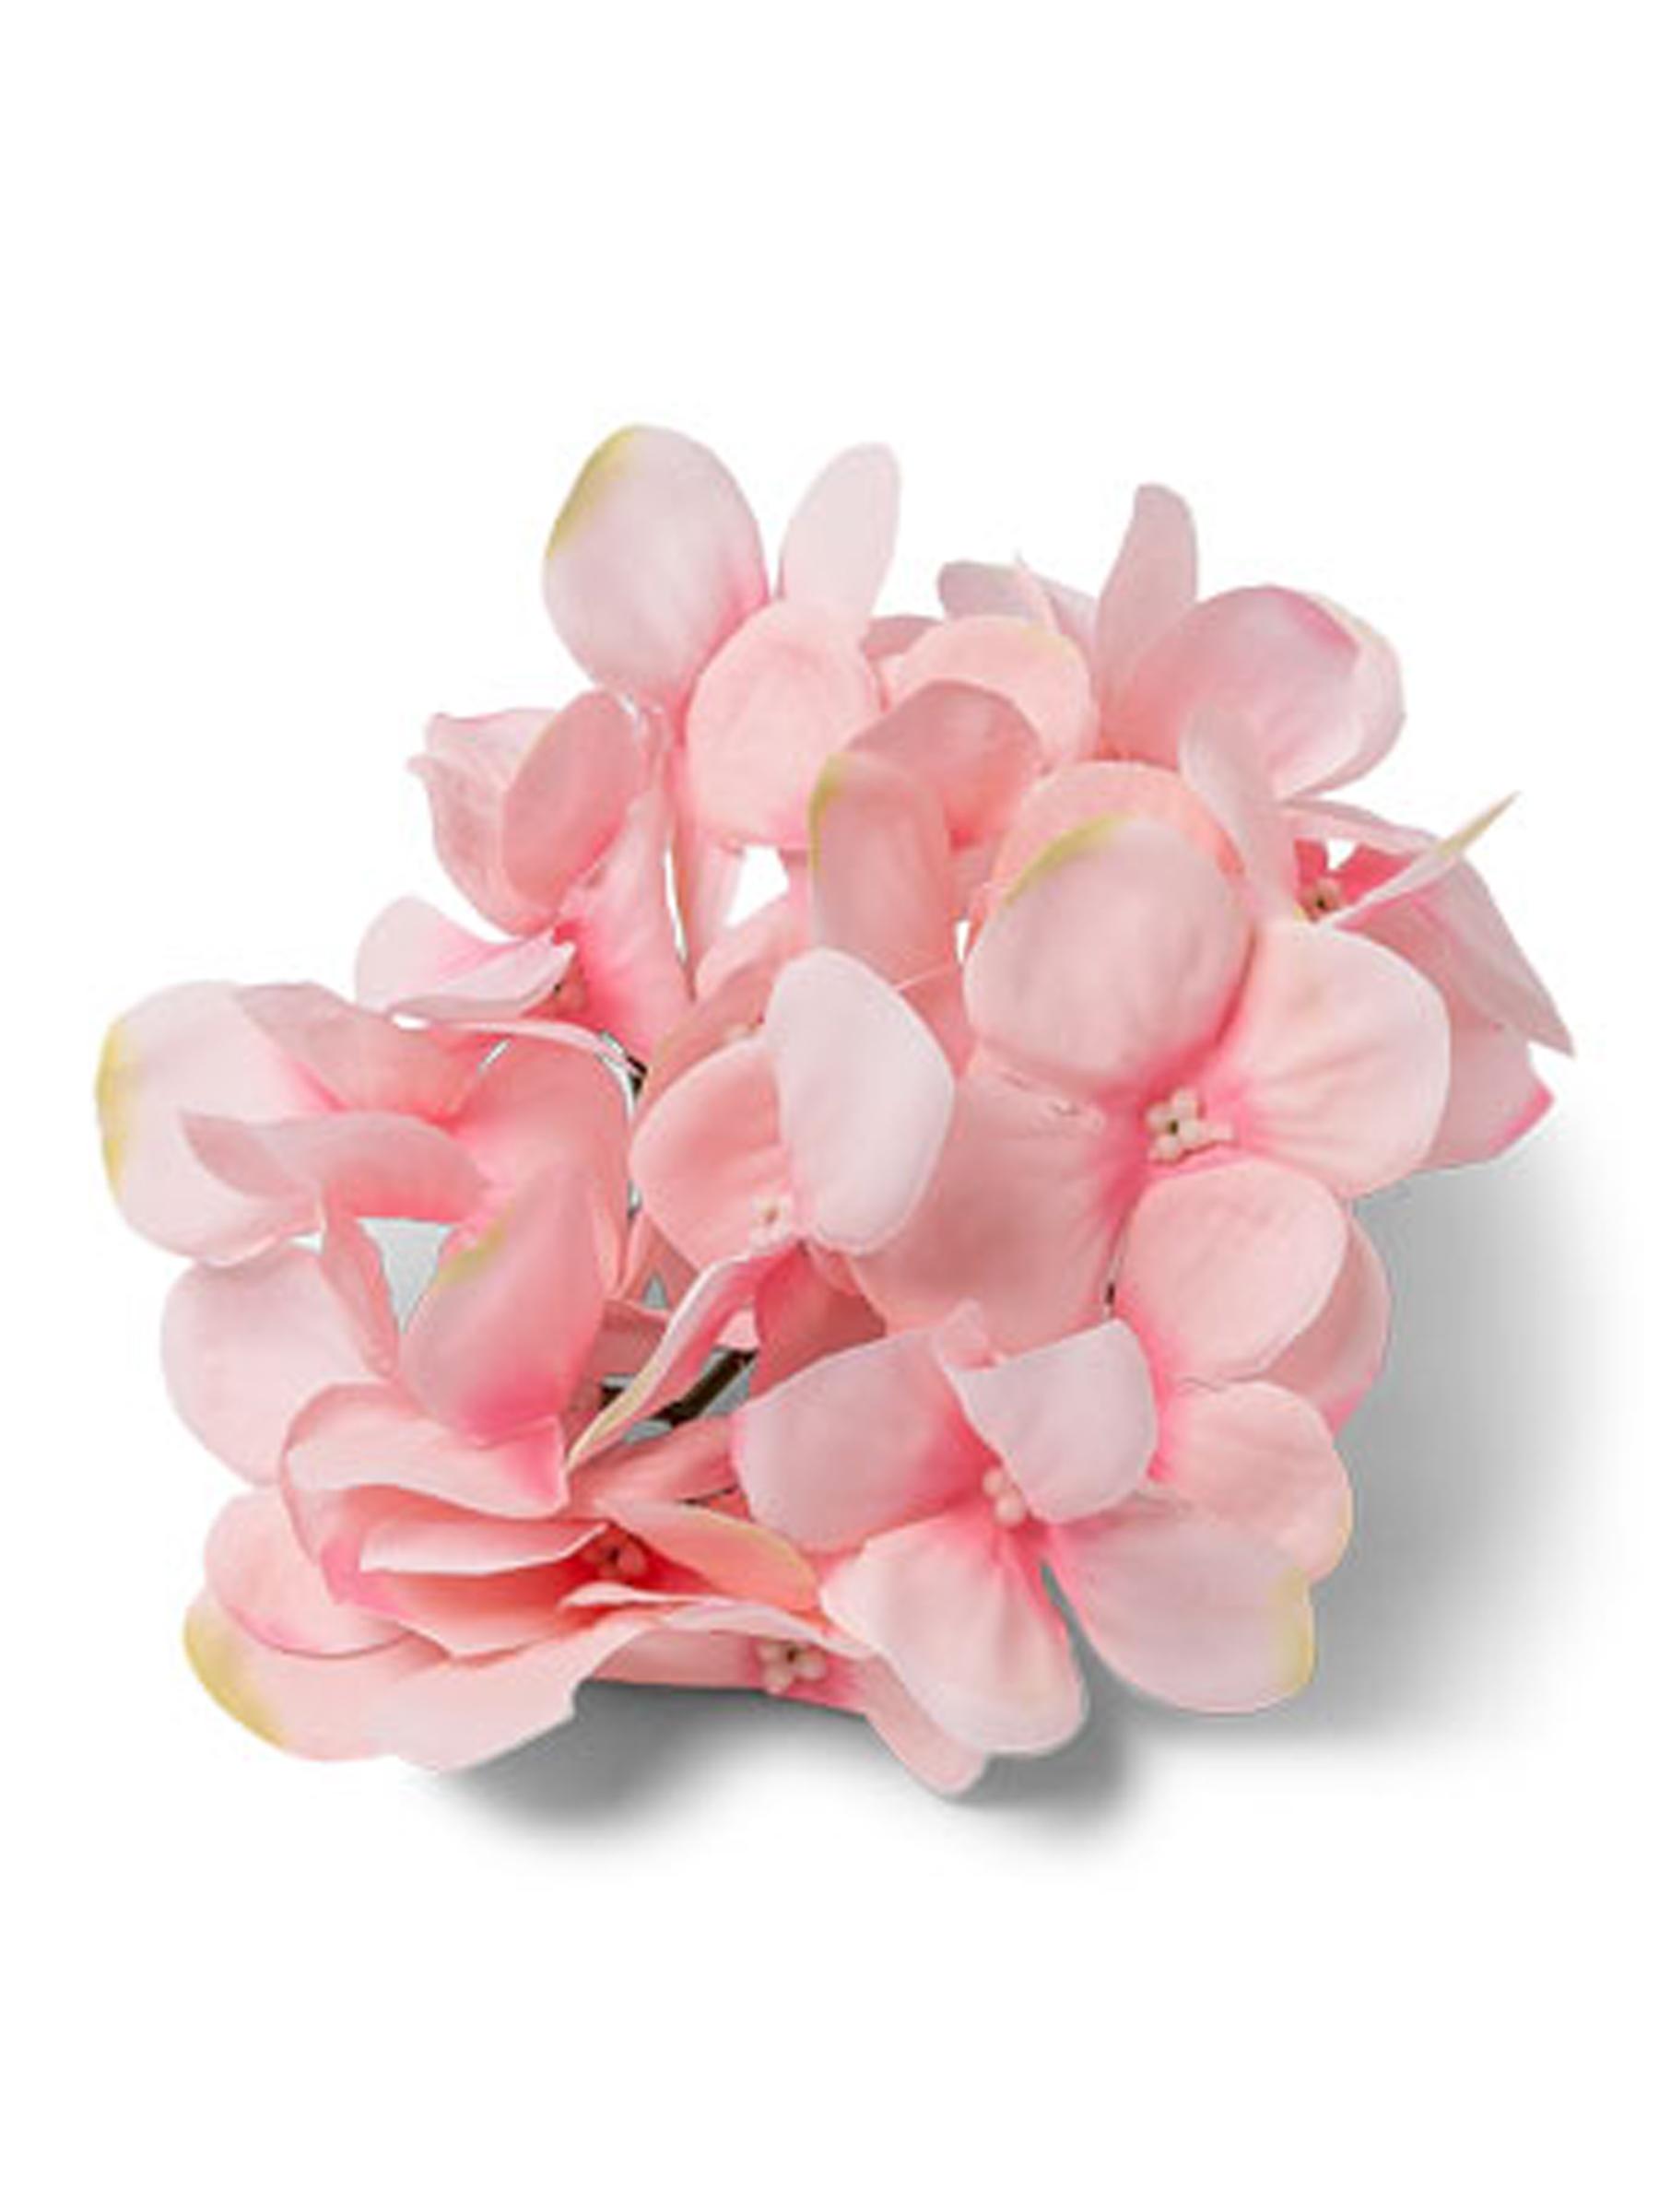 Vaso Con Ortensie Finte 6 ortensie finte rosa su vegaooparty, negozio di articoli per feste